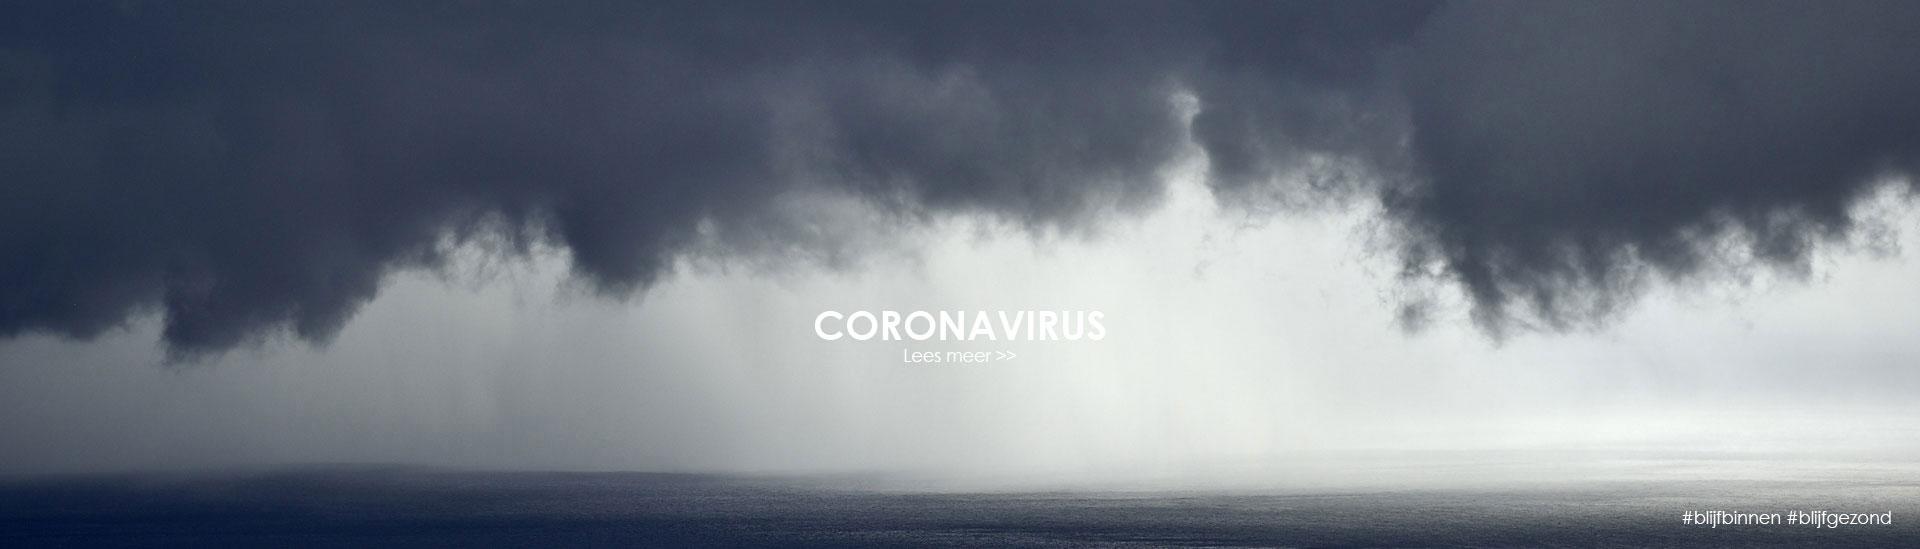 Coronapaginabanner-V2